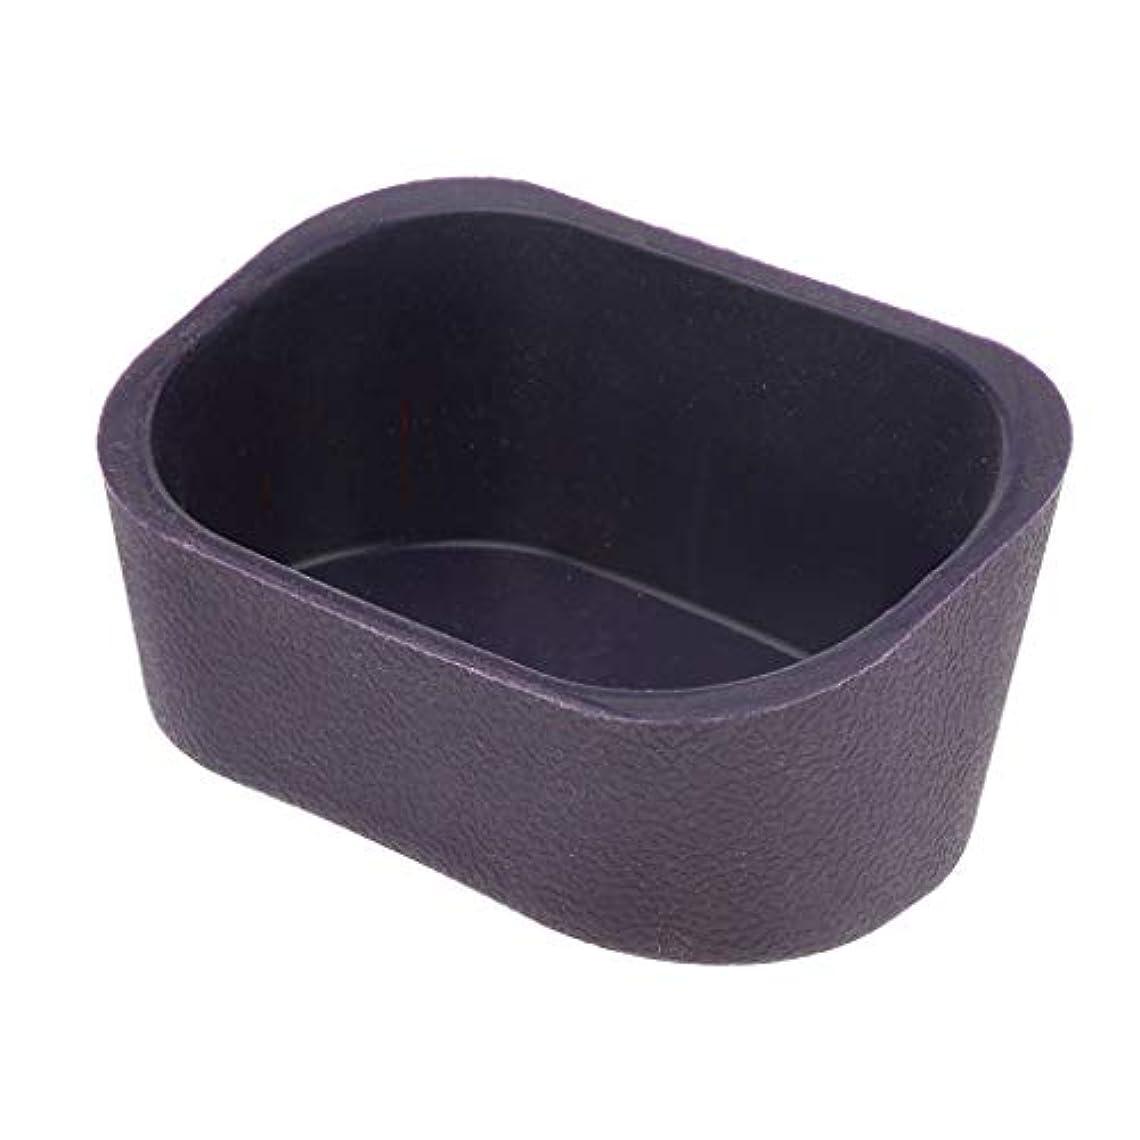 申し立てるフルーツイブニングdailymall シャンプーボウルネックレスクッションピローサロンヘアアクセサリー - 紫